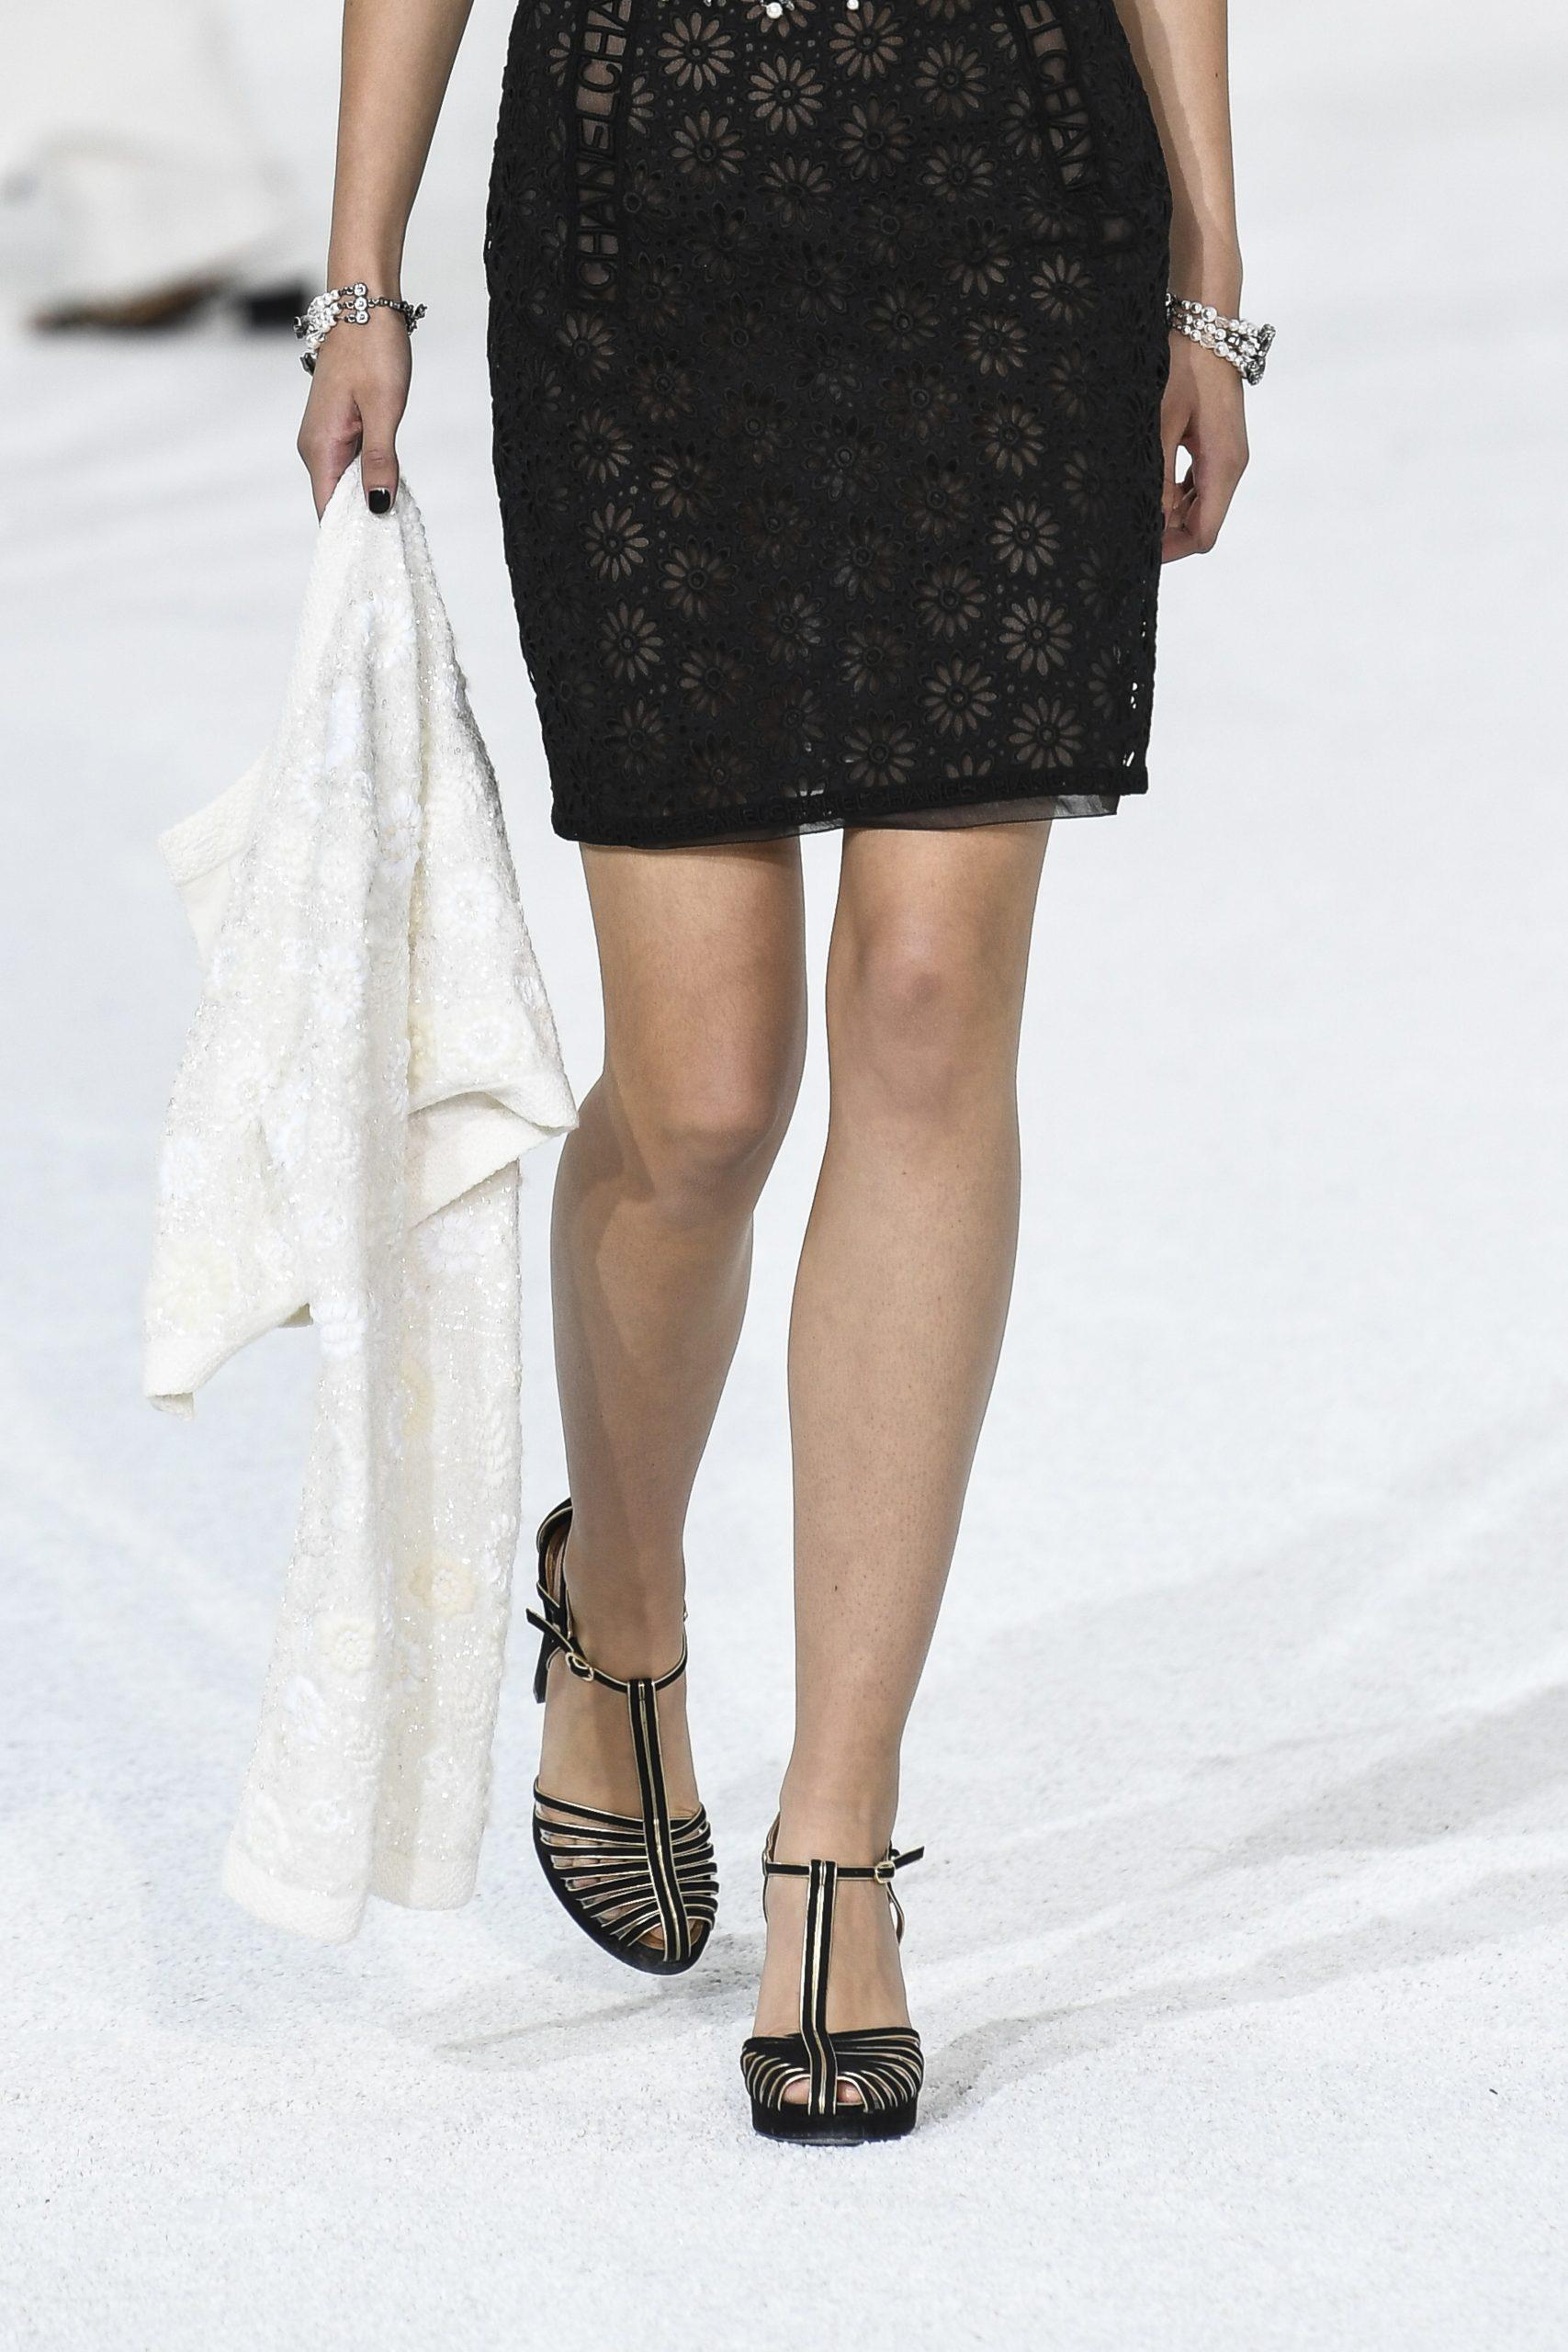 Αυτός είναι ο τρόπος για να φορέσεις το mini φόρεμα αυτο το καλοκαίρι